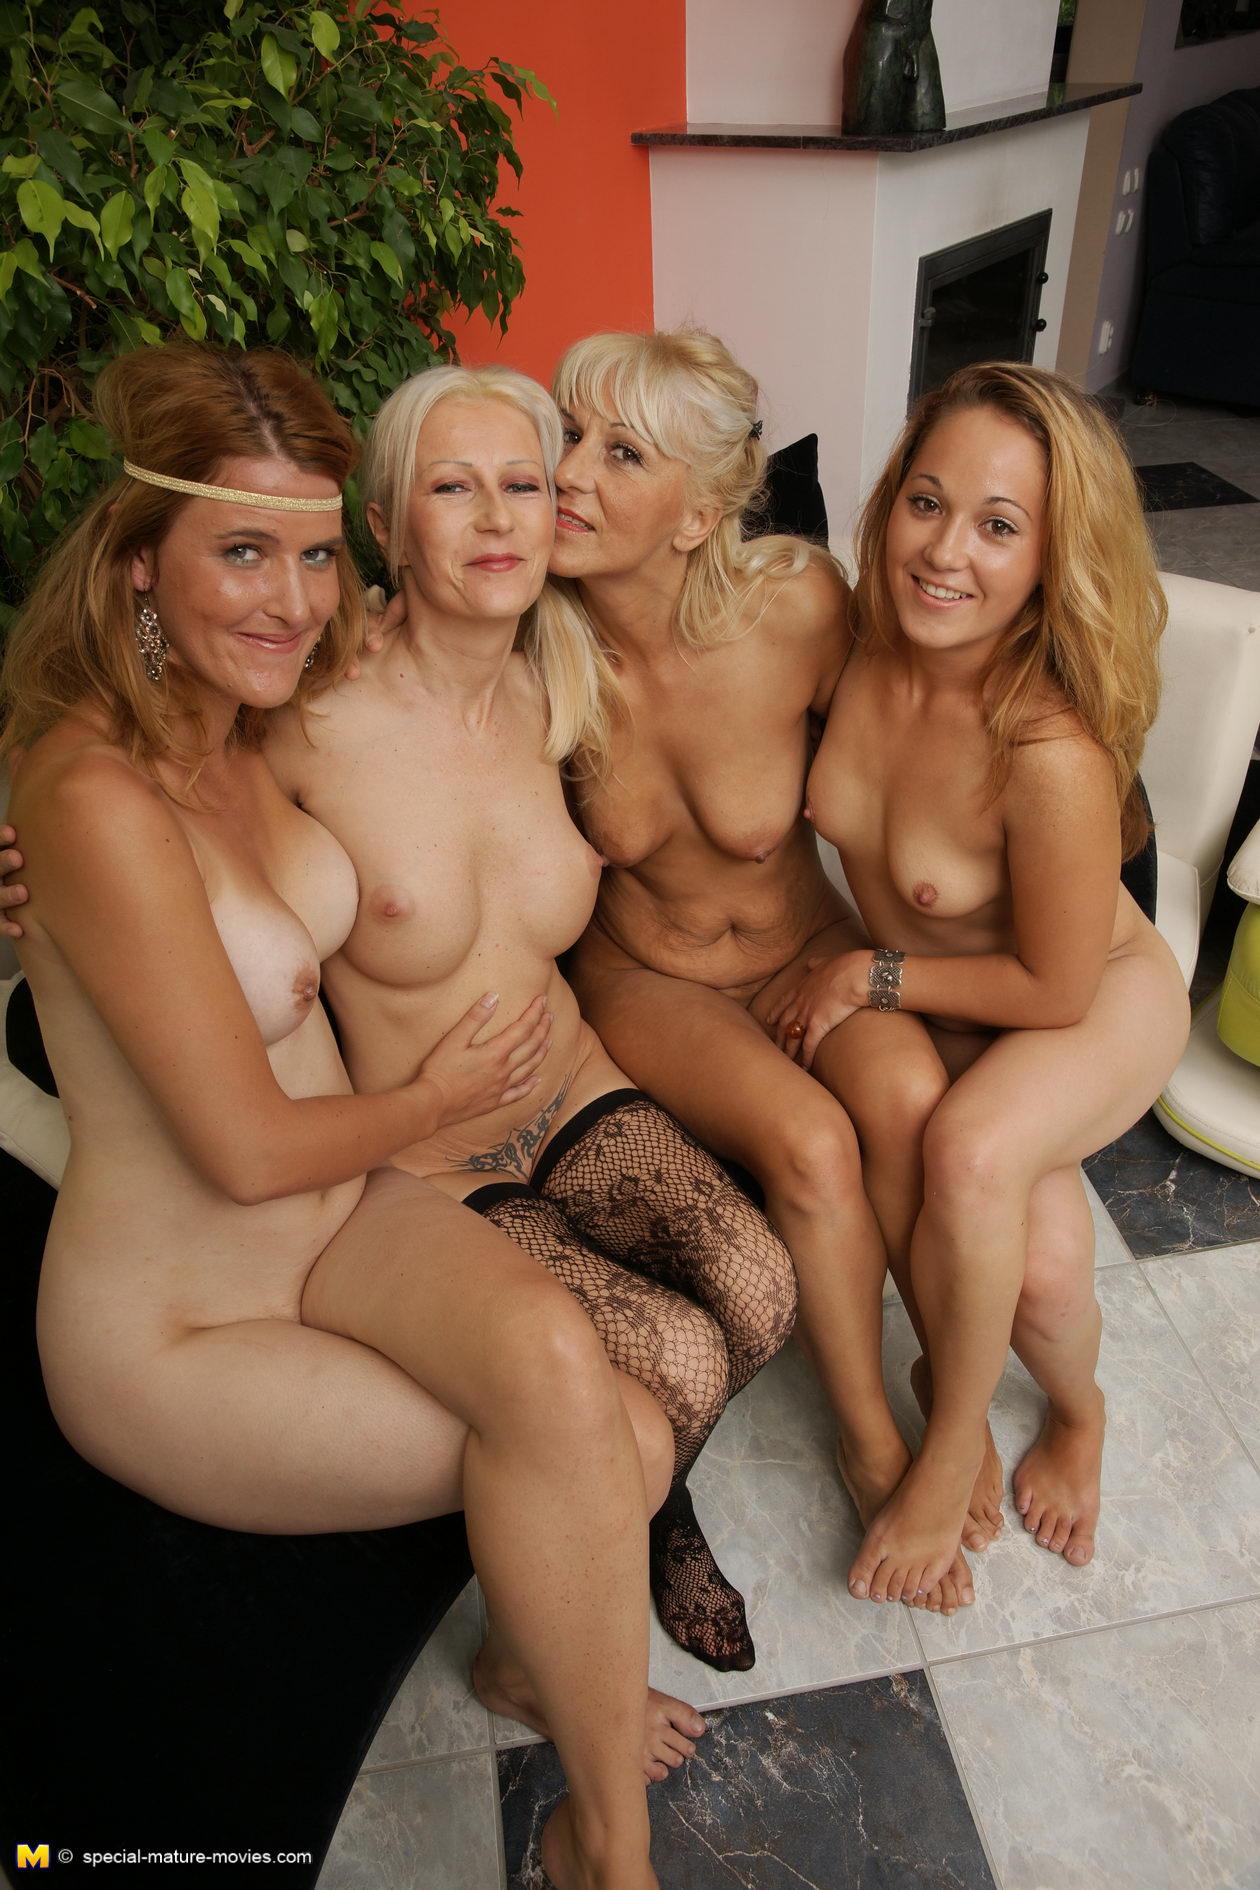 Секс разных возрастов 4 фотография